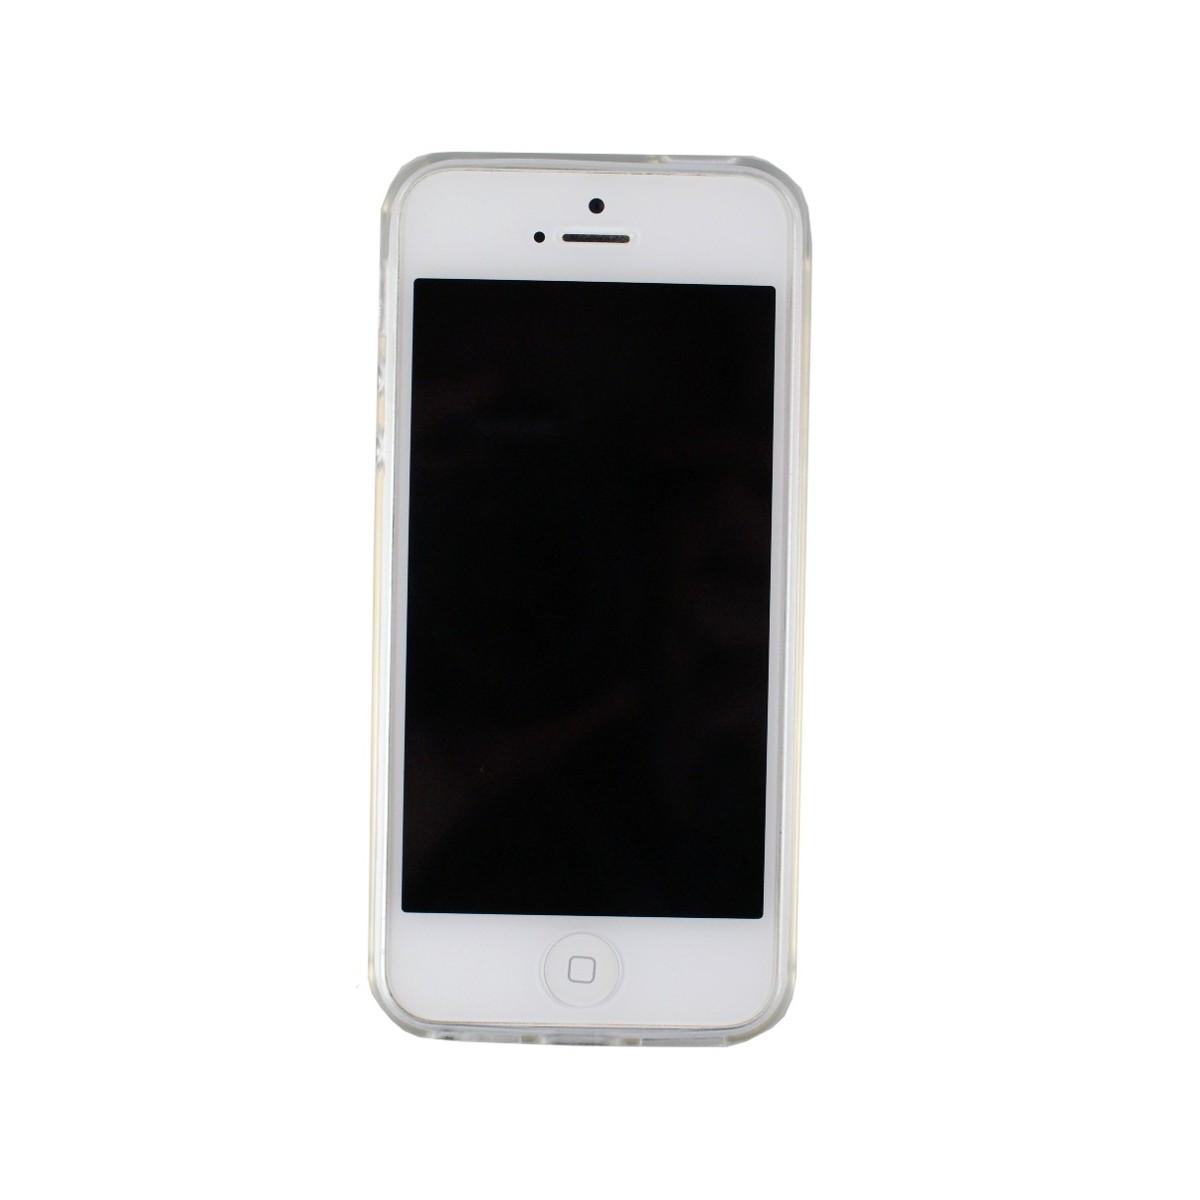 Coque iPhone SE / 5S / 5 Transparente souple - Film en verre trempé inclus - Crazy Kase